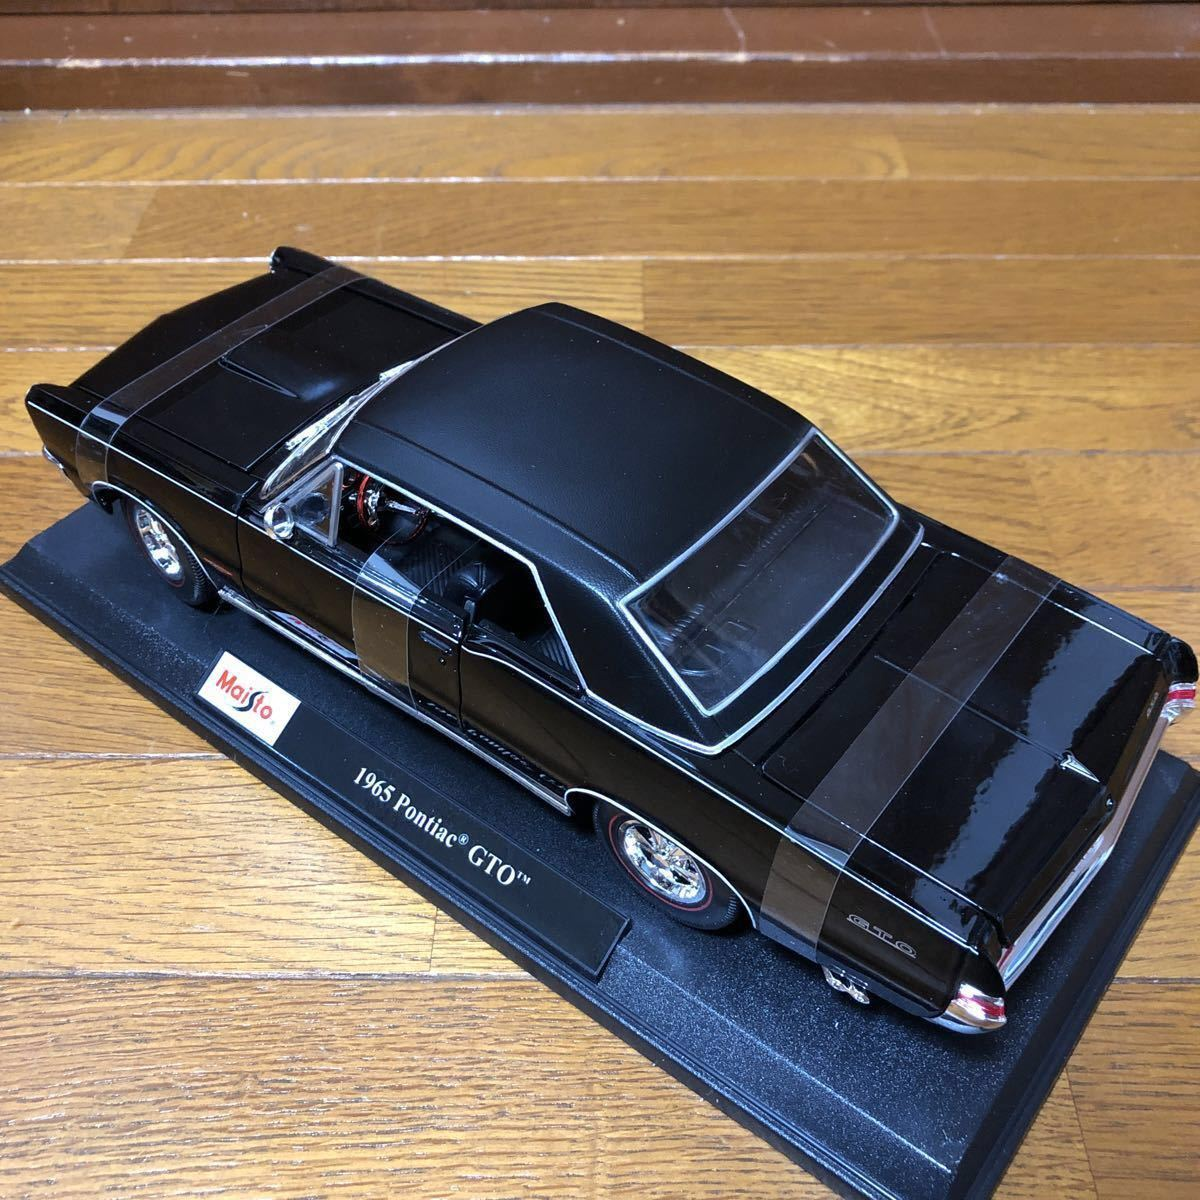 【1円~★新品★即決可】Maisto 1/18 1965 Pontiac GTO ferrari BMW lamborghini dodge Datsun NISSAN マイスト ミニカー beetle benz SL_画像4